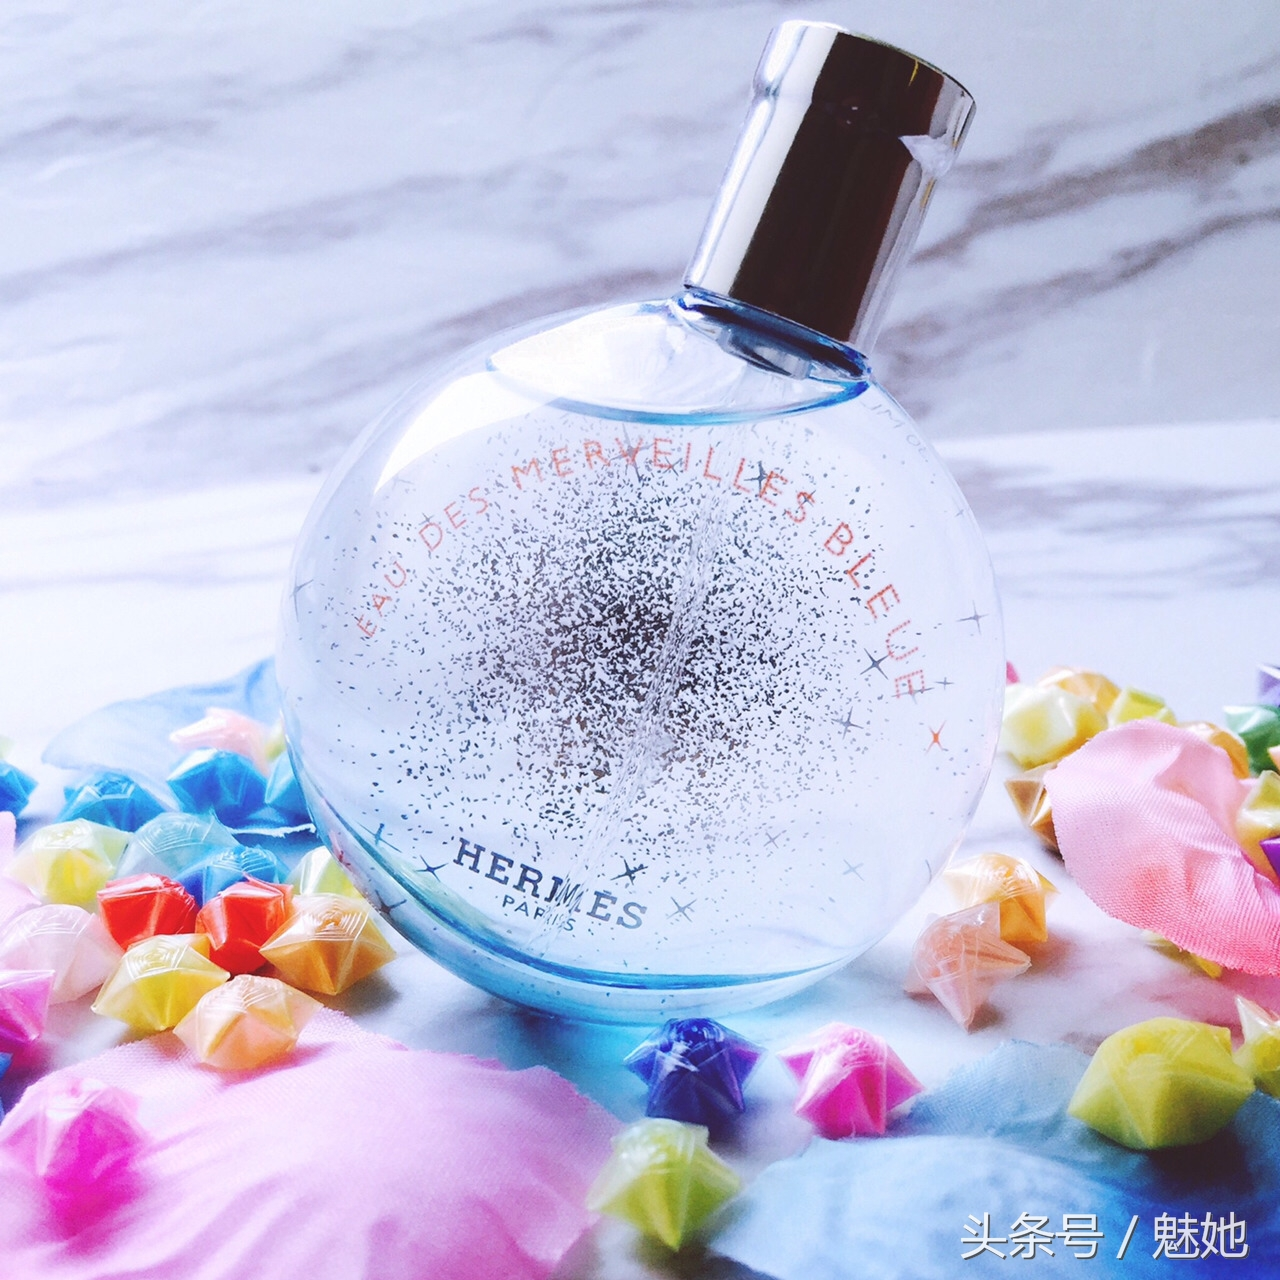 hermes parfums(爱马仕花园系列香水测评 ) 电商 第9张